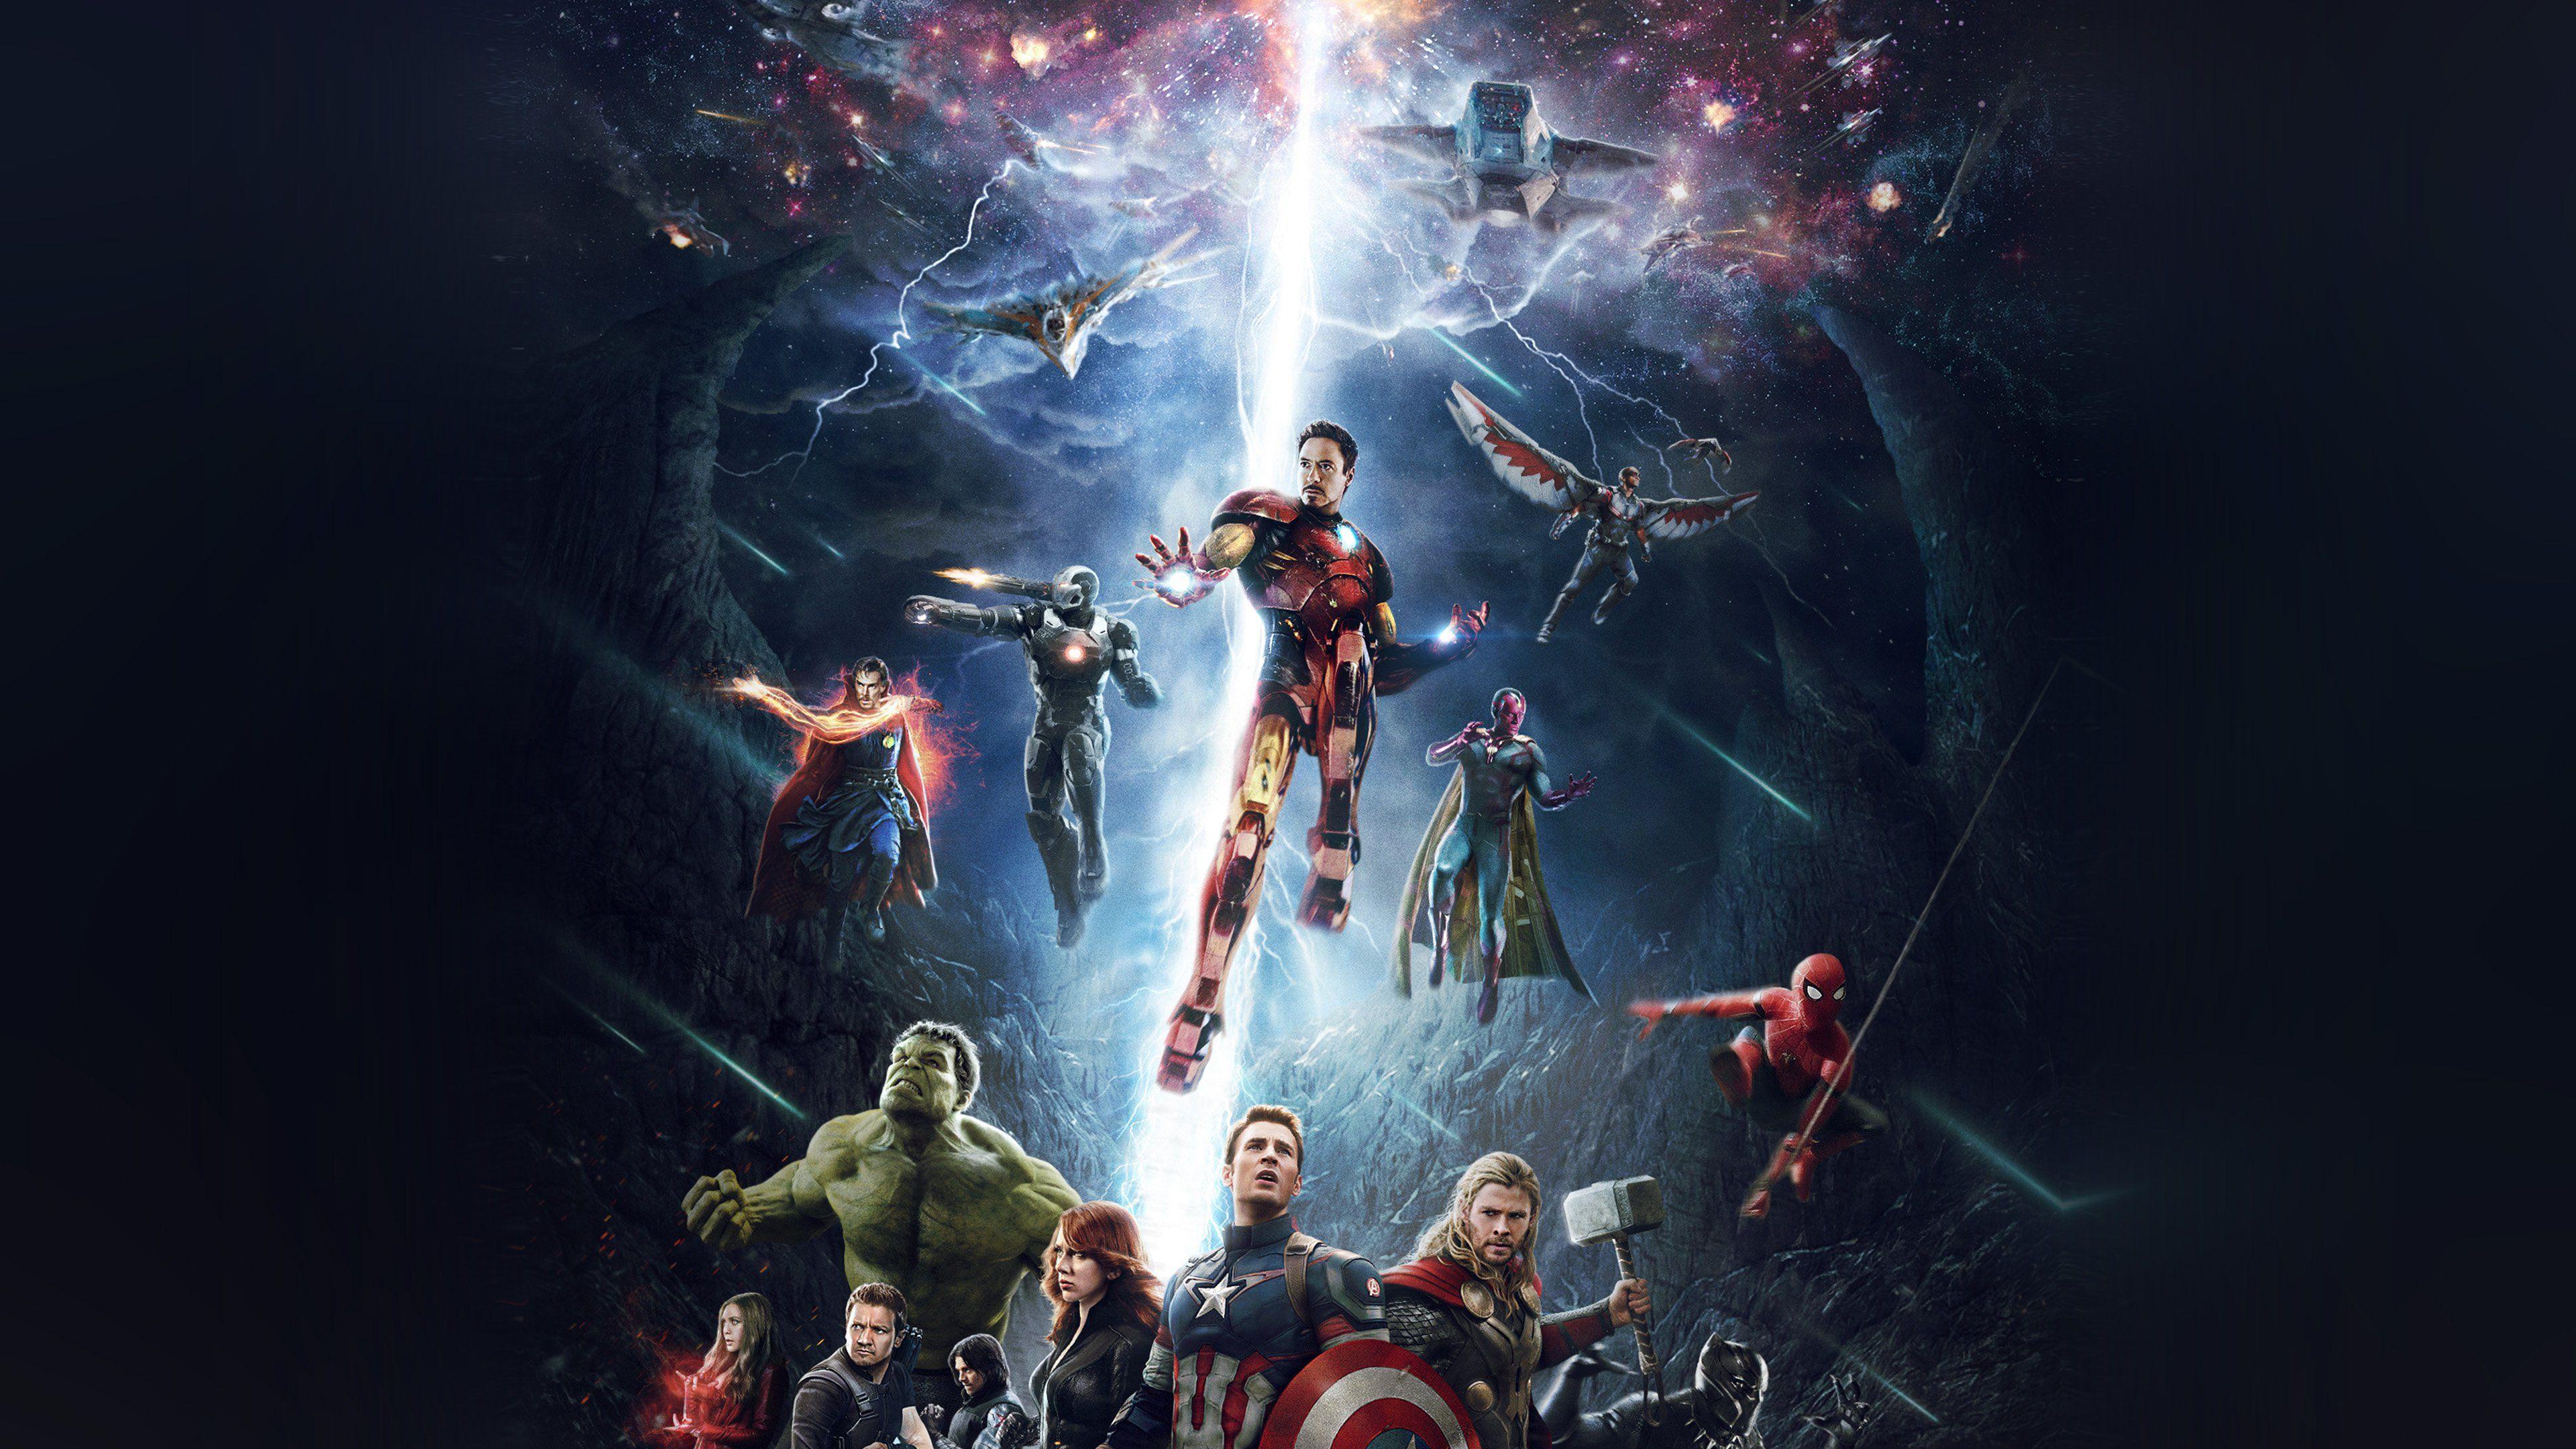 Wallpaper 4k Avengers 2018 New 4k 4kwallpapers, avengers